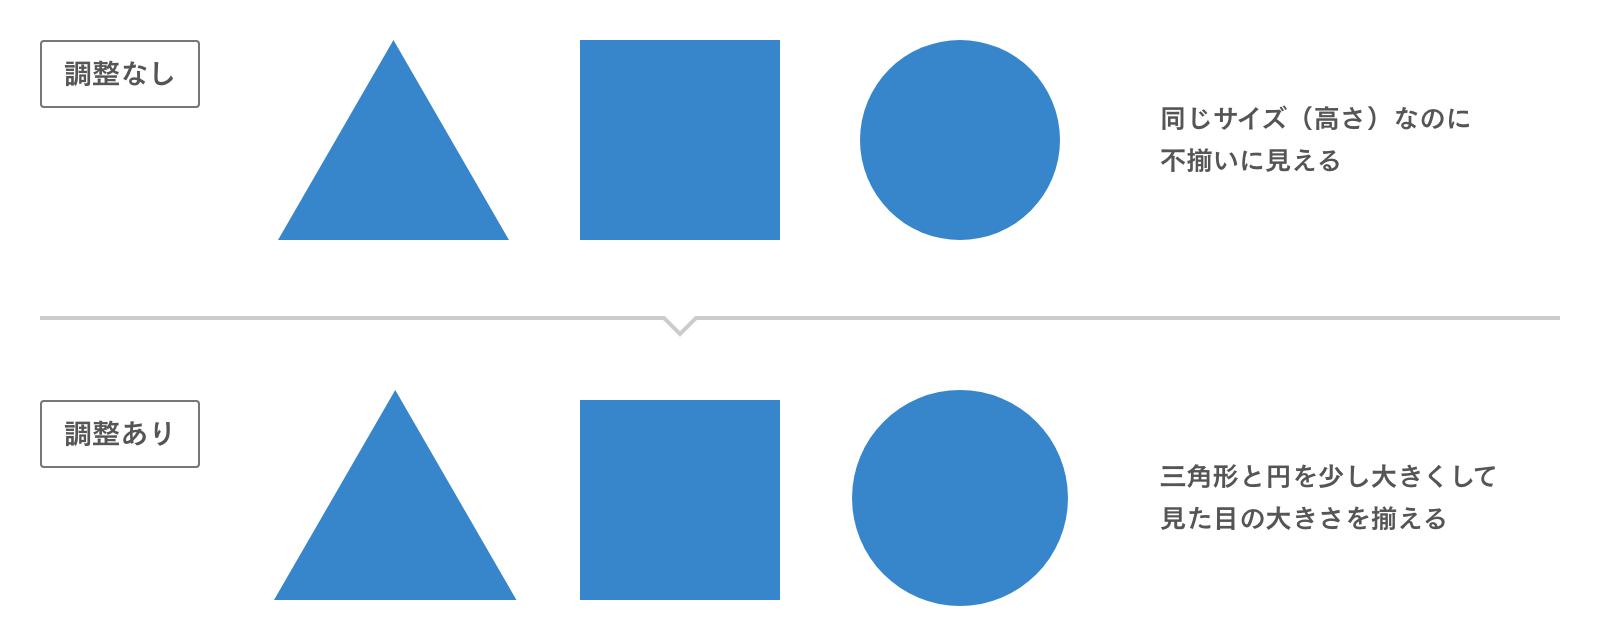 三角形と四角形と円の比較